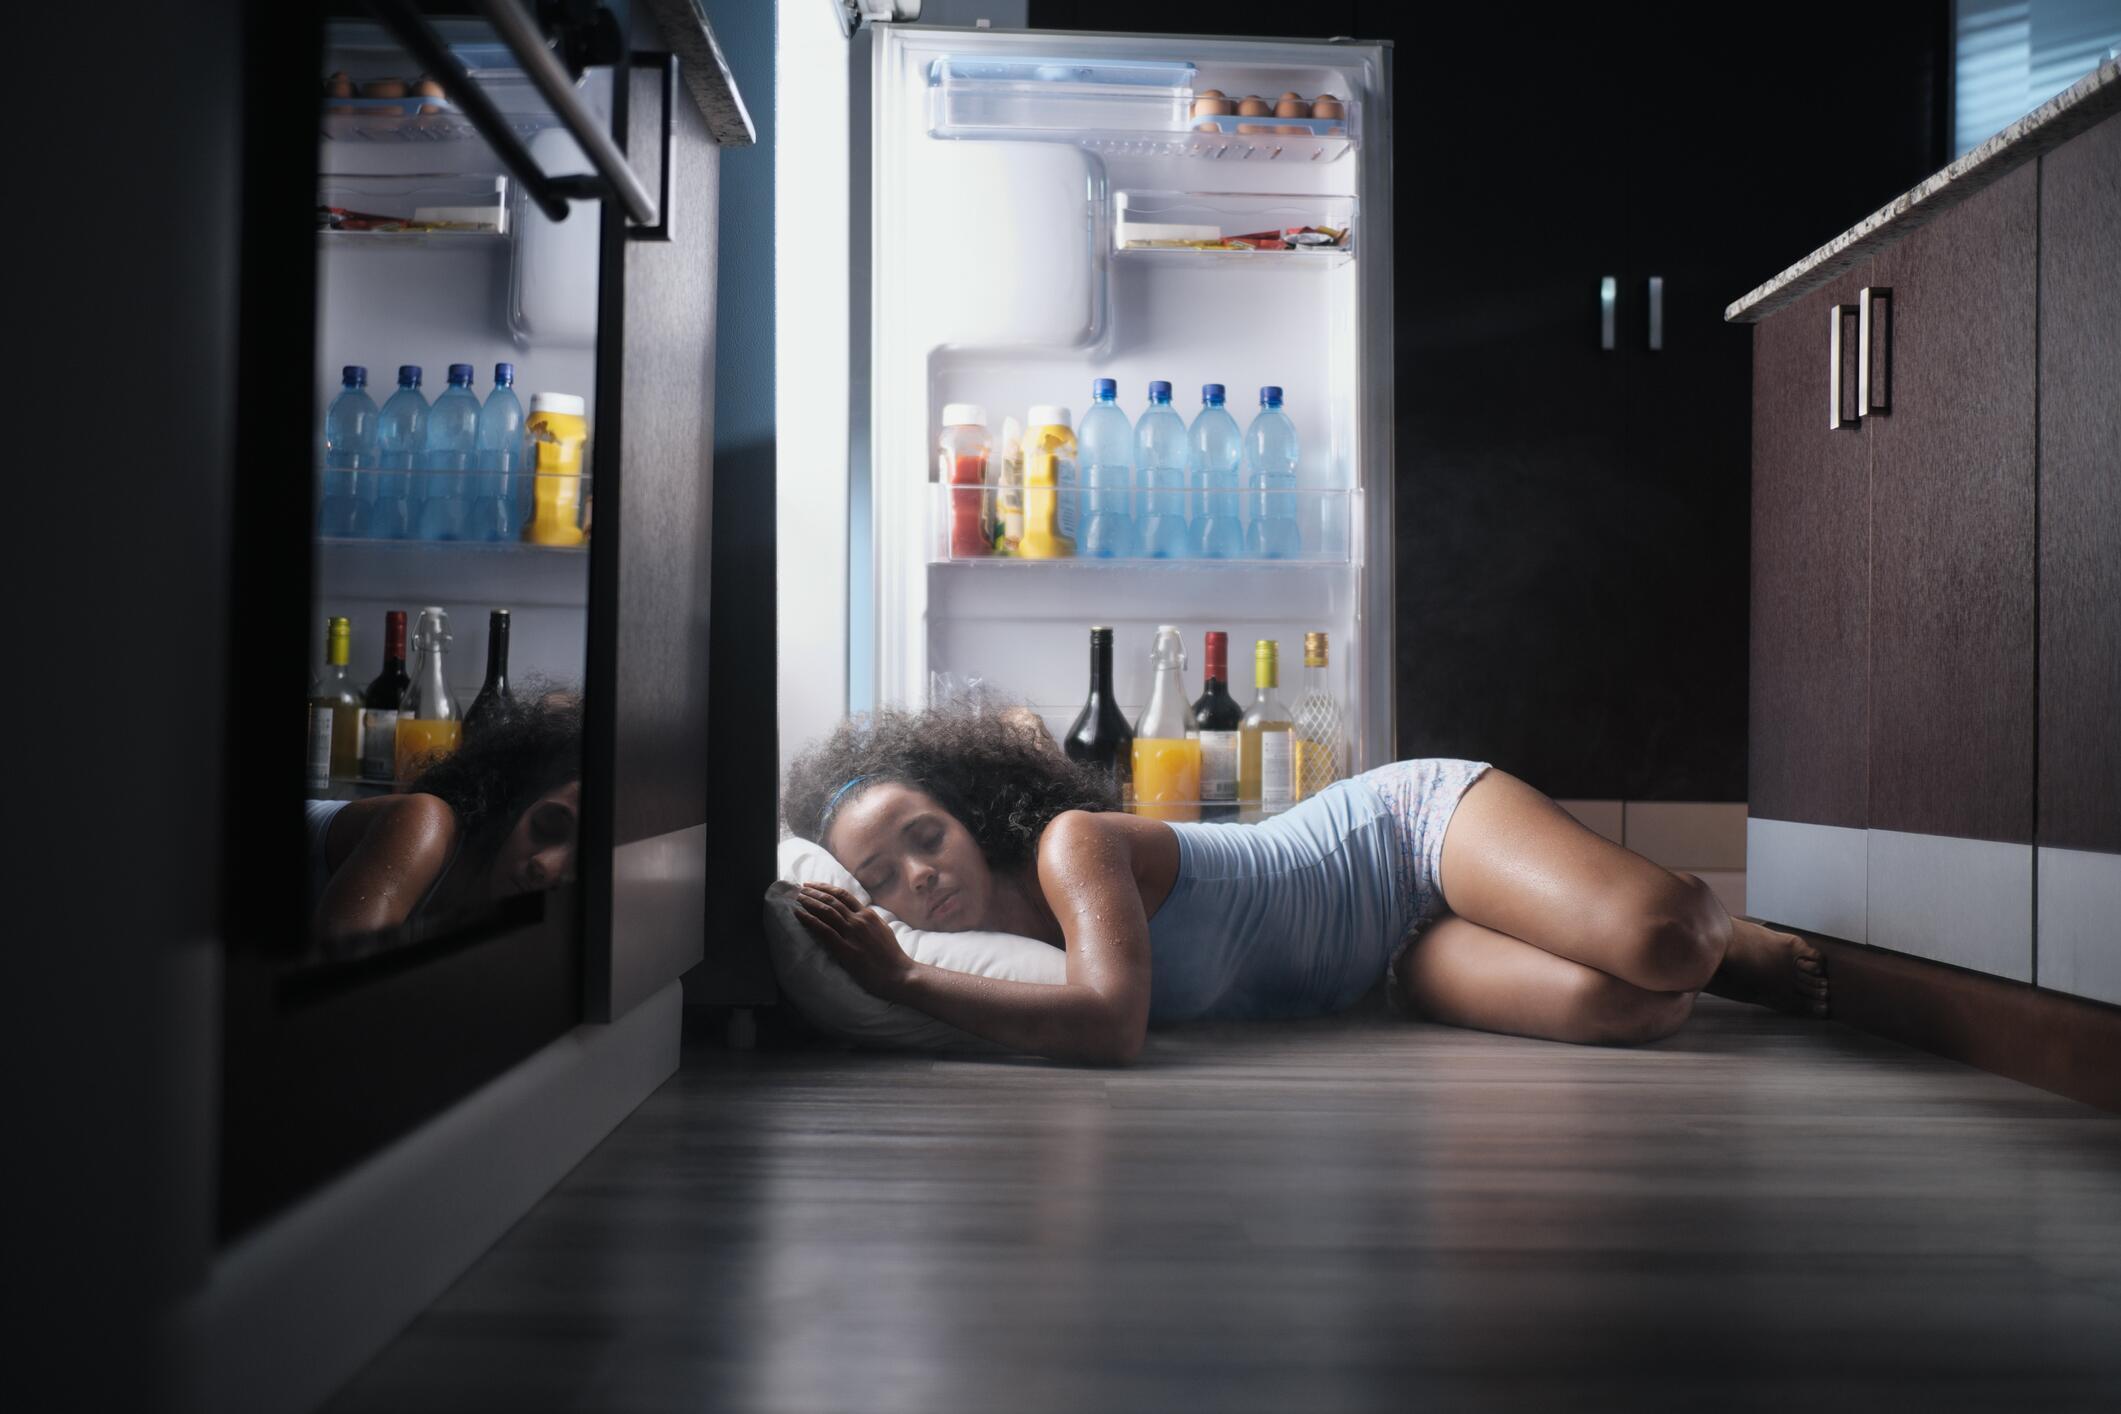 Bild zu abkühlung, sommer, eiswürfel, Hitze, erfrischung, spray, eisgel, ventilator